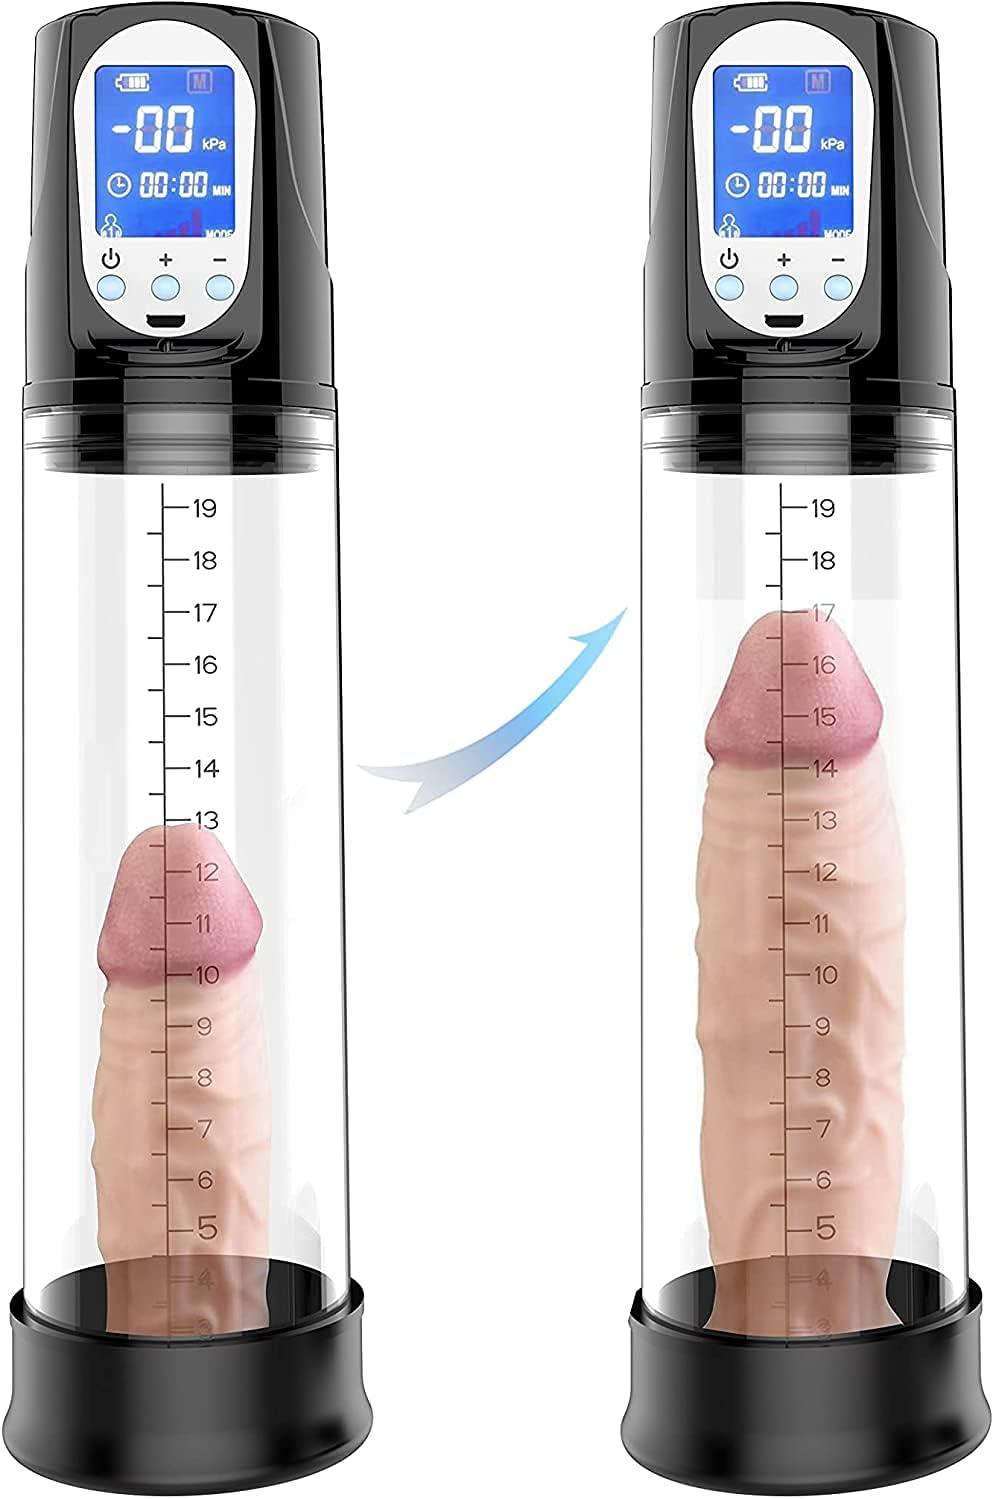 Vacuum Large-scale sale Pump Men Permanent Di-ck Enhanc Pênnis Soldering Enlargement Bigger